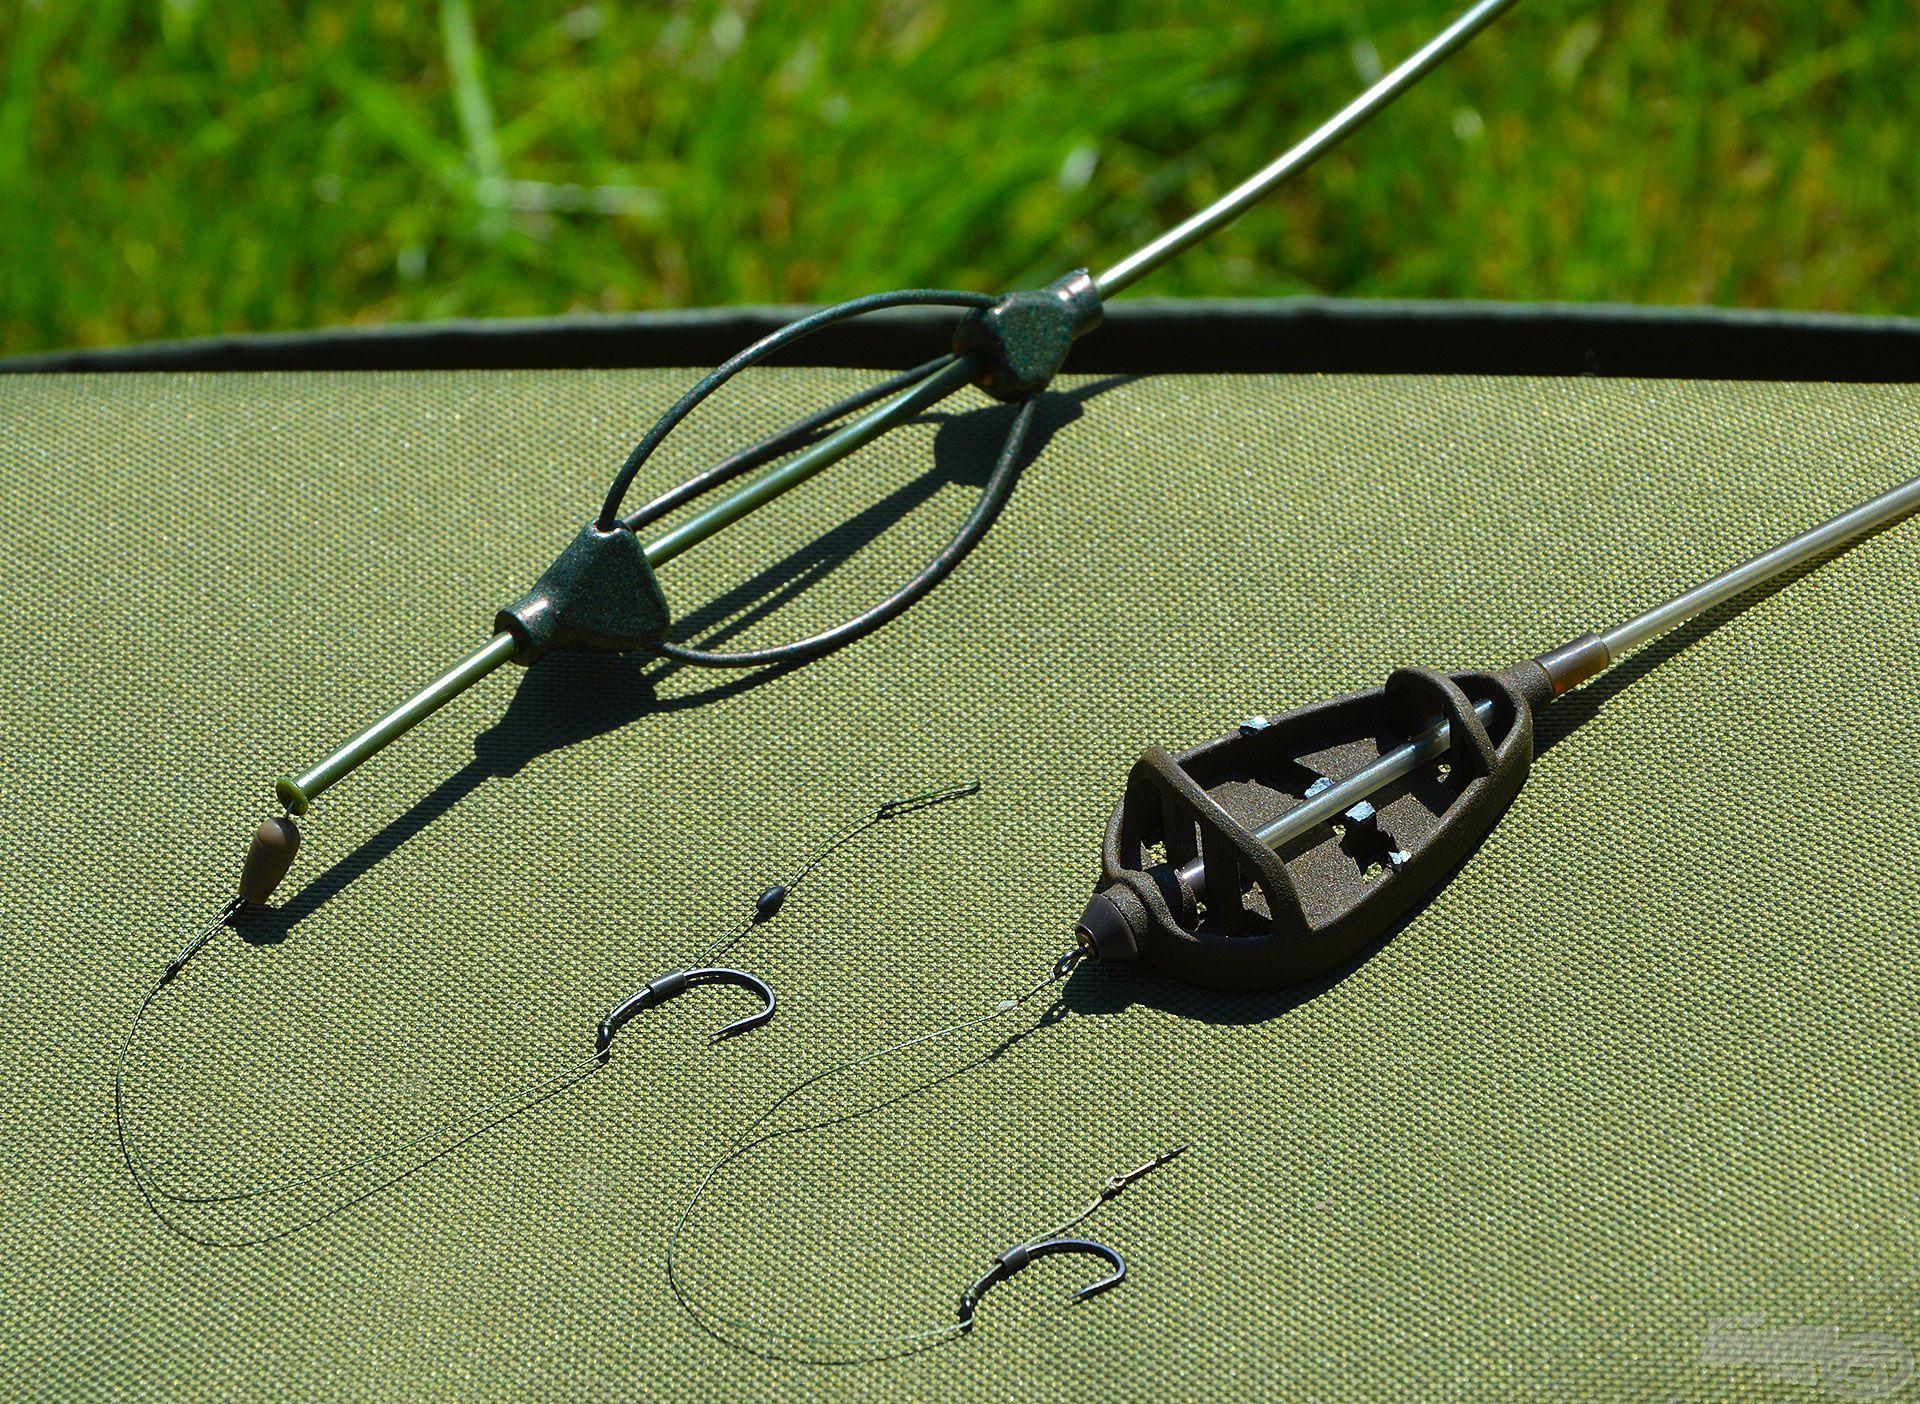 Feeder technikával és végszerelékkel lehet a versenyeken horgászni